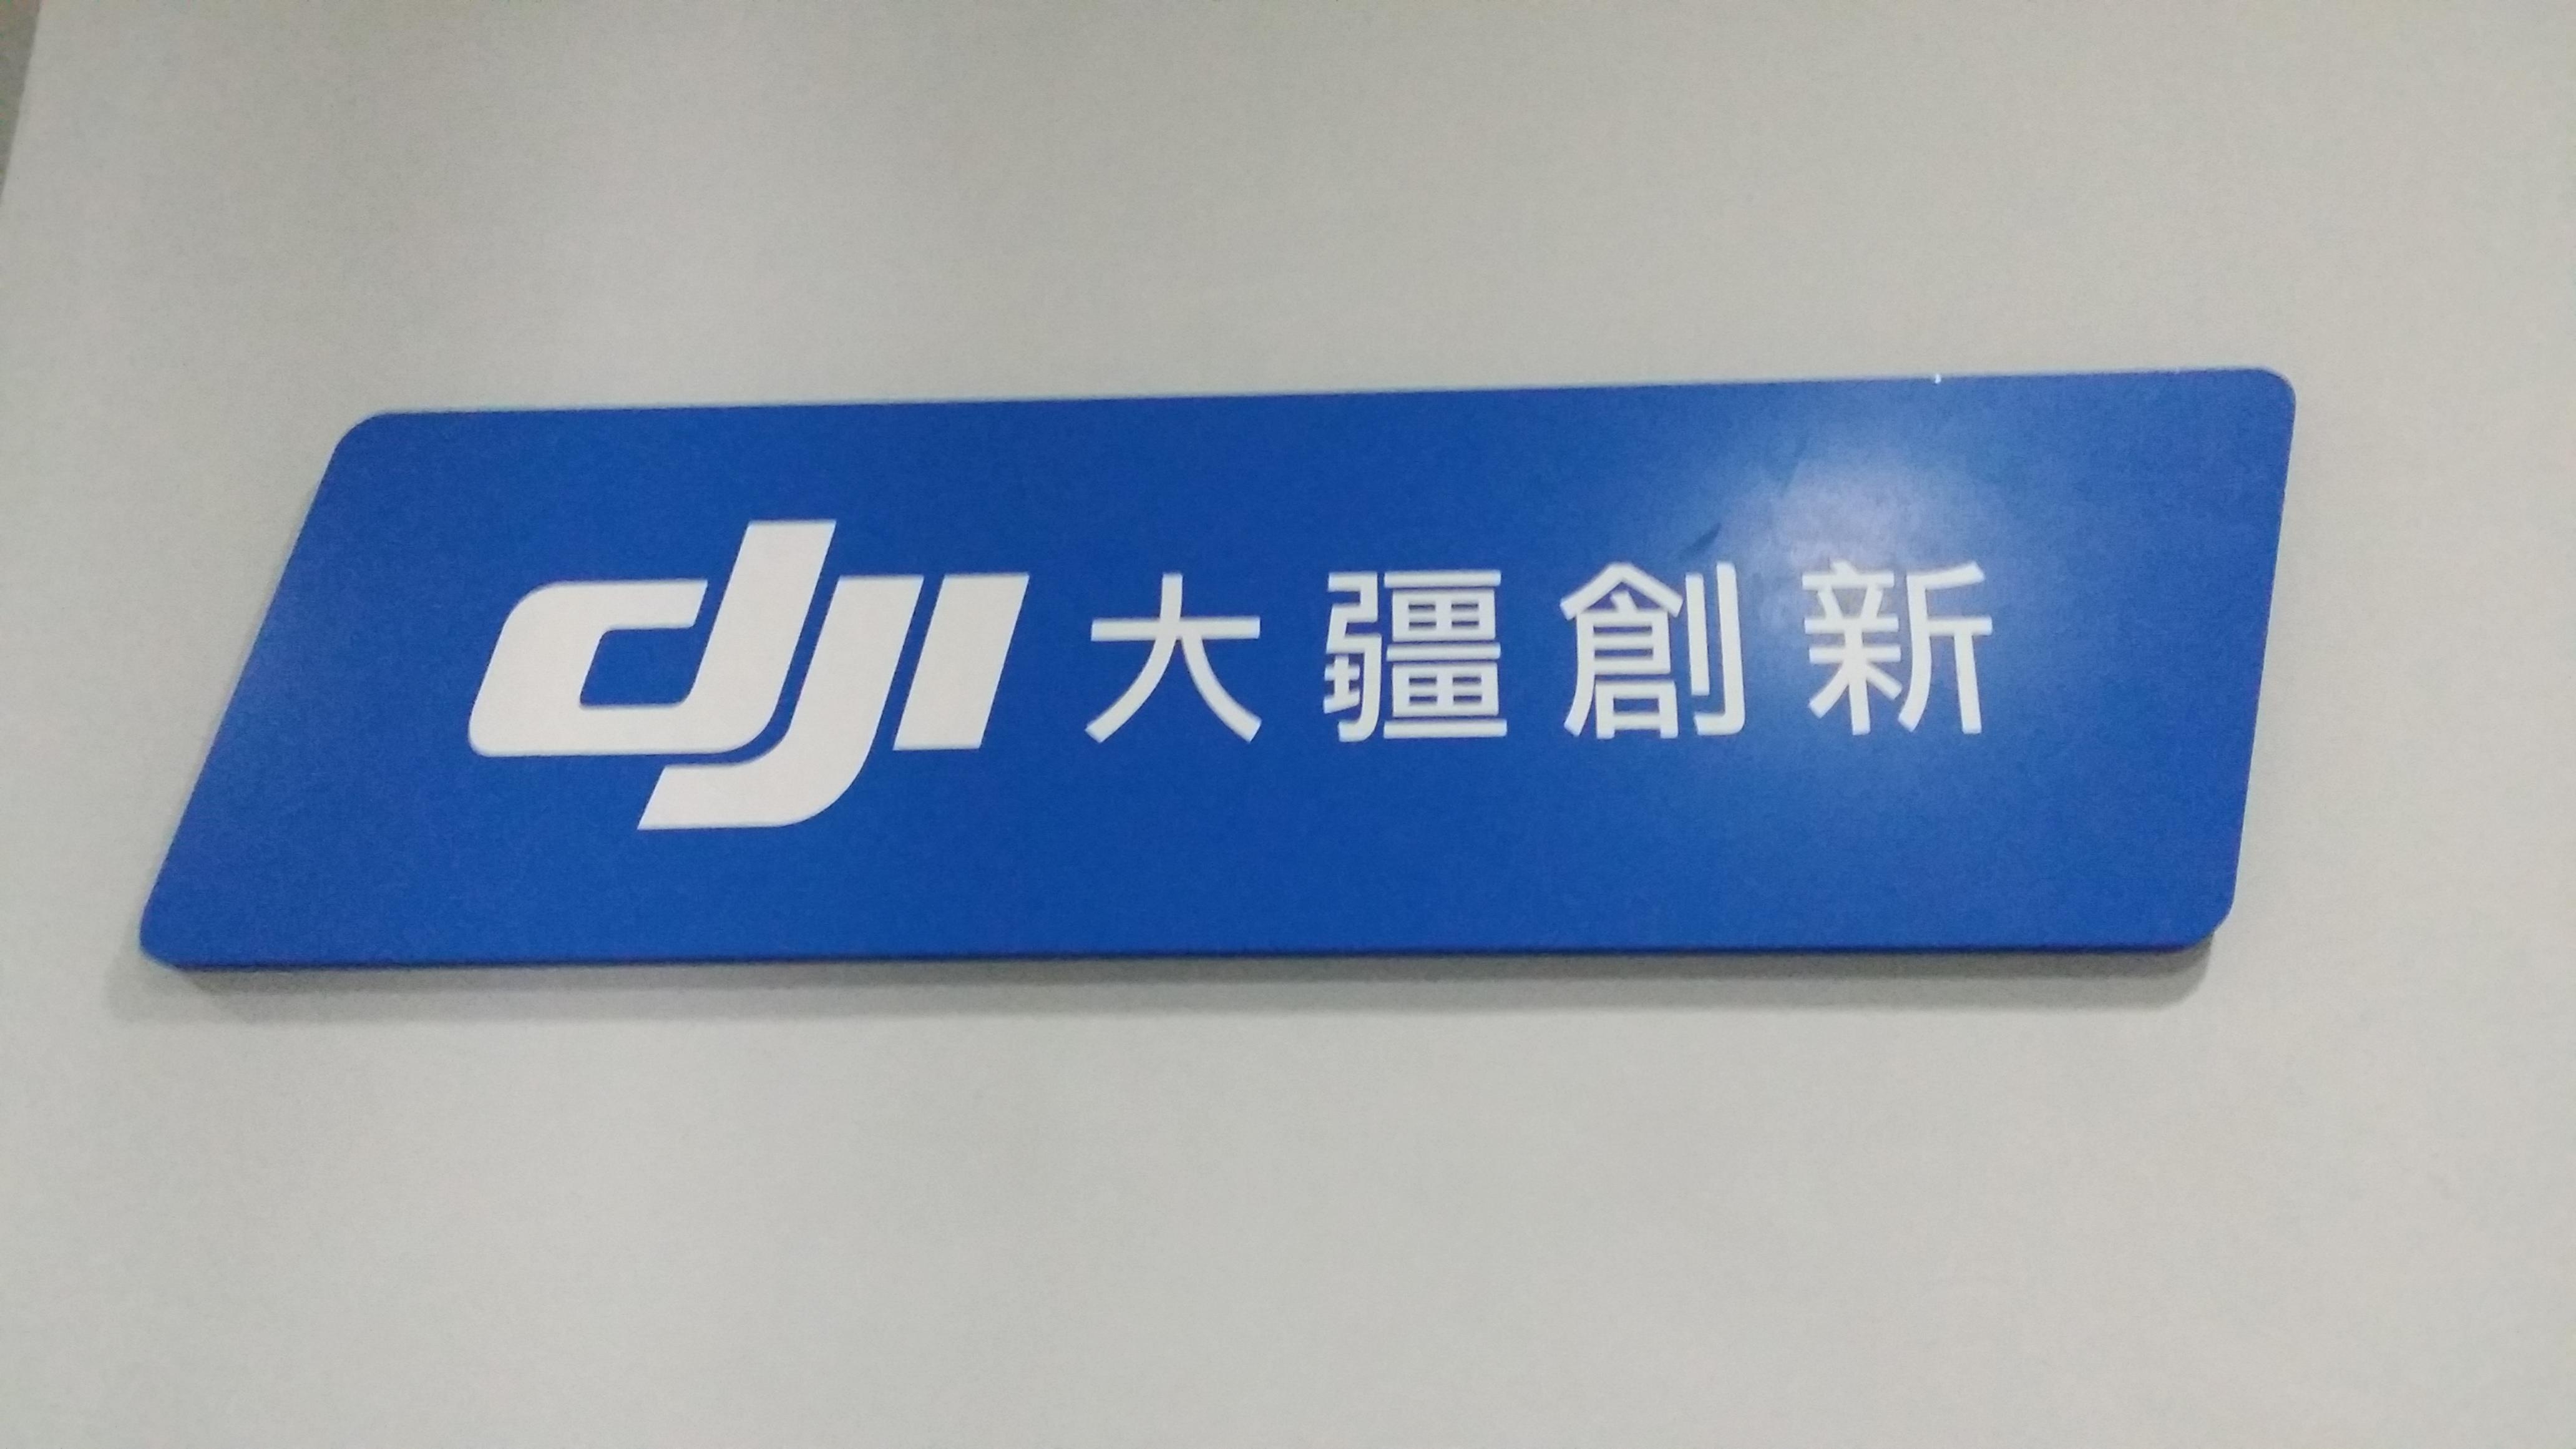 DJI Sign in Hong Kong University, Shenzhen